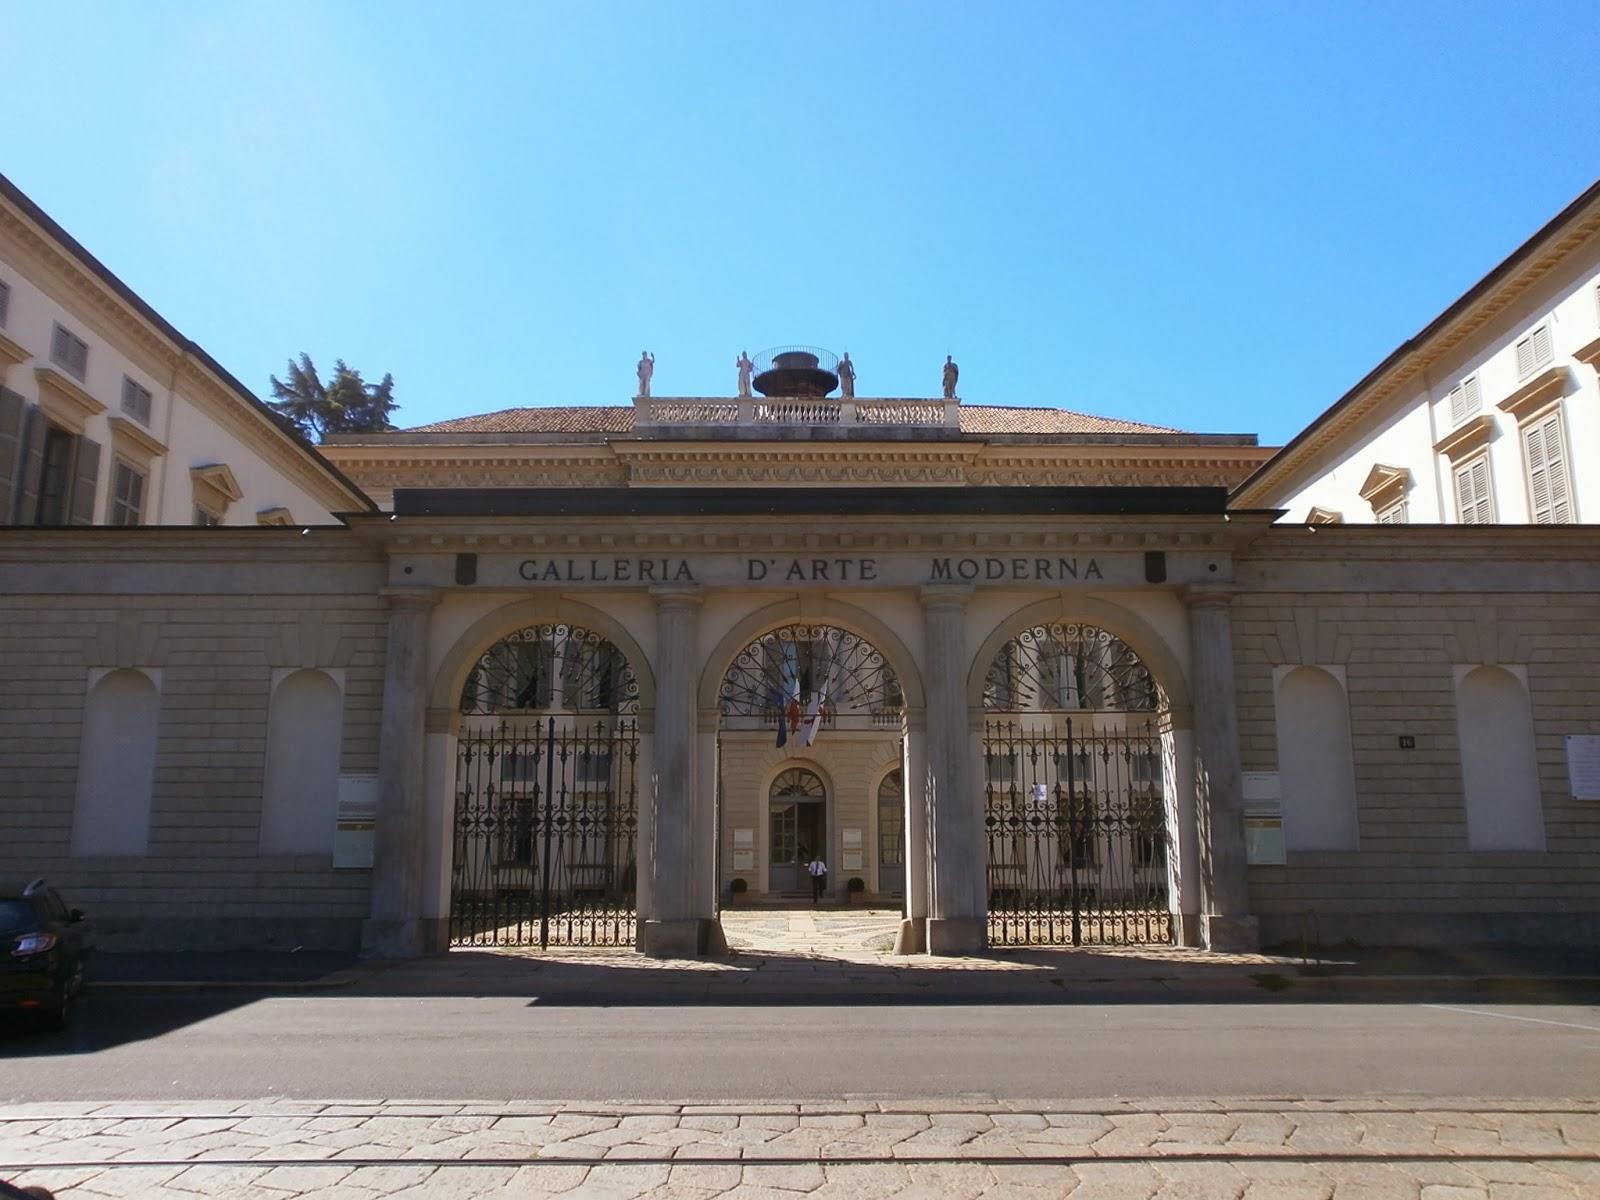 galleria d'arte moderna di milano: eventi nel weekend per grandi e bambini